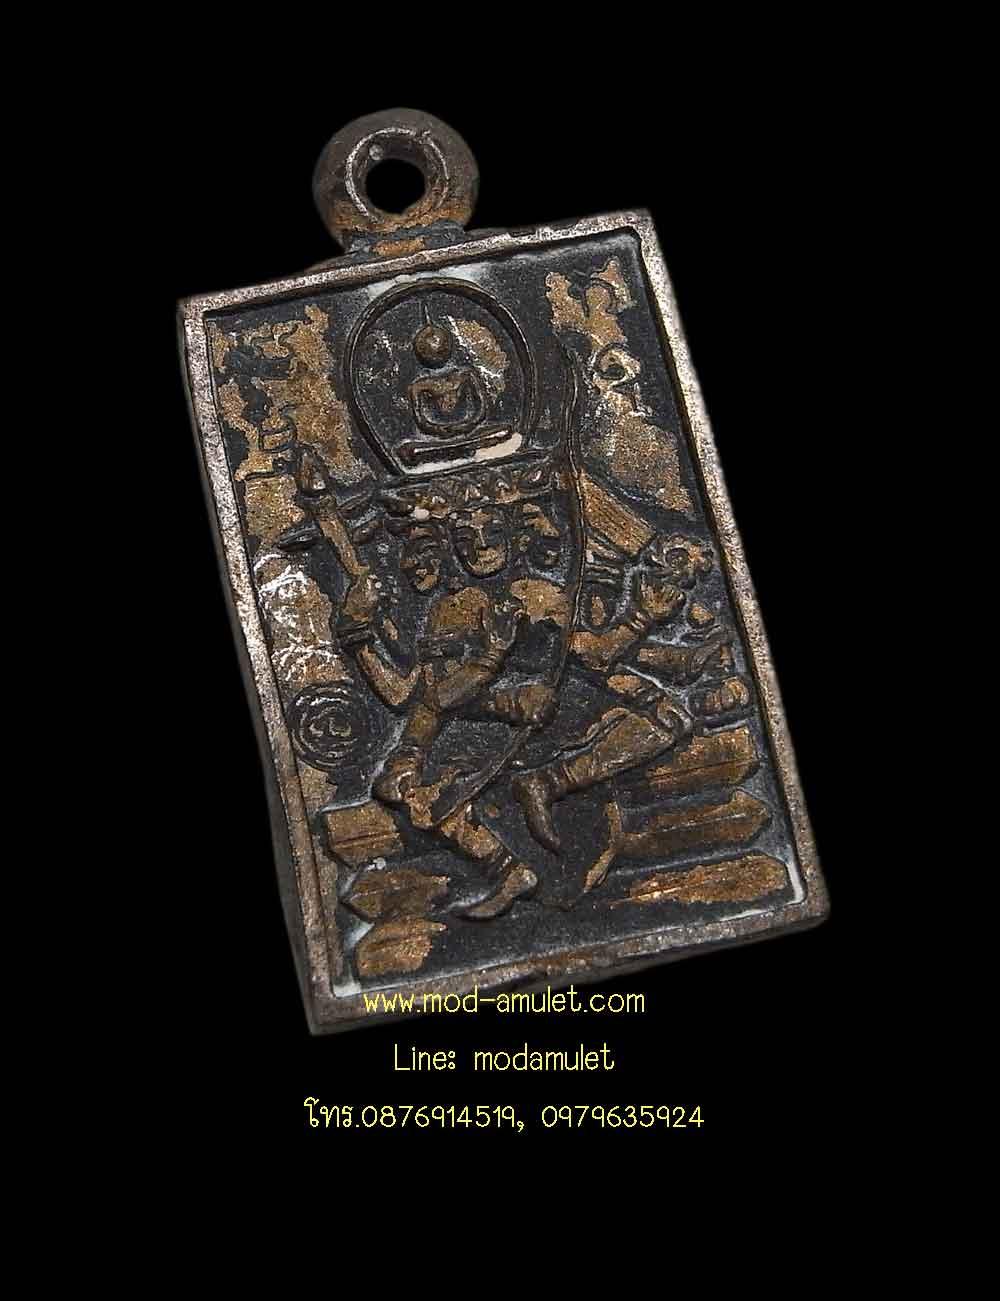 เหรียญหล่อพระพรหมสี่เหลี่ยมปี22 โลหะผสม พิเศษจารหน้า หลวงปู่ดู่ วัดสะแก LP DOO